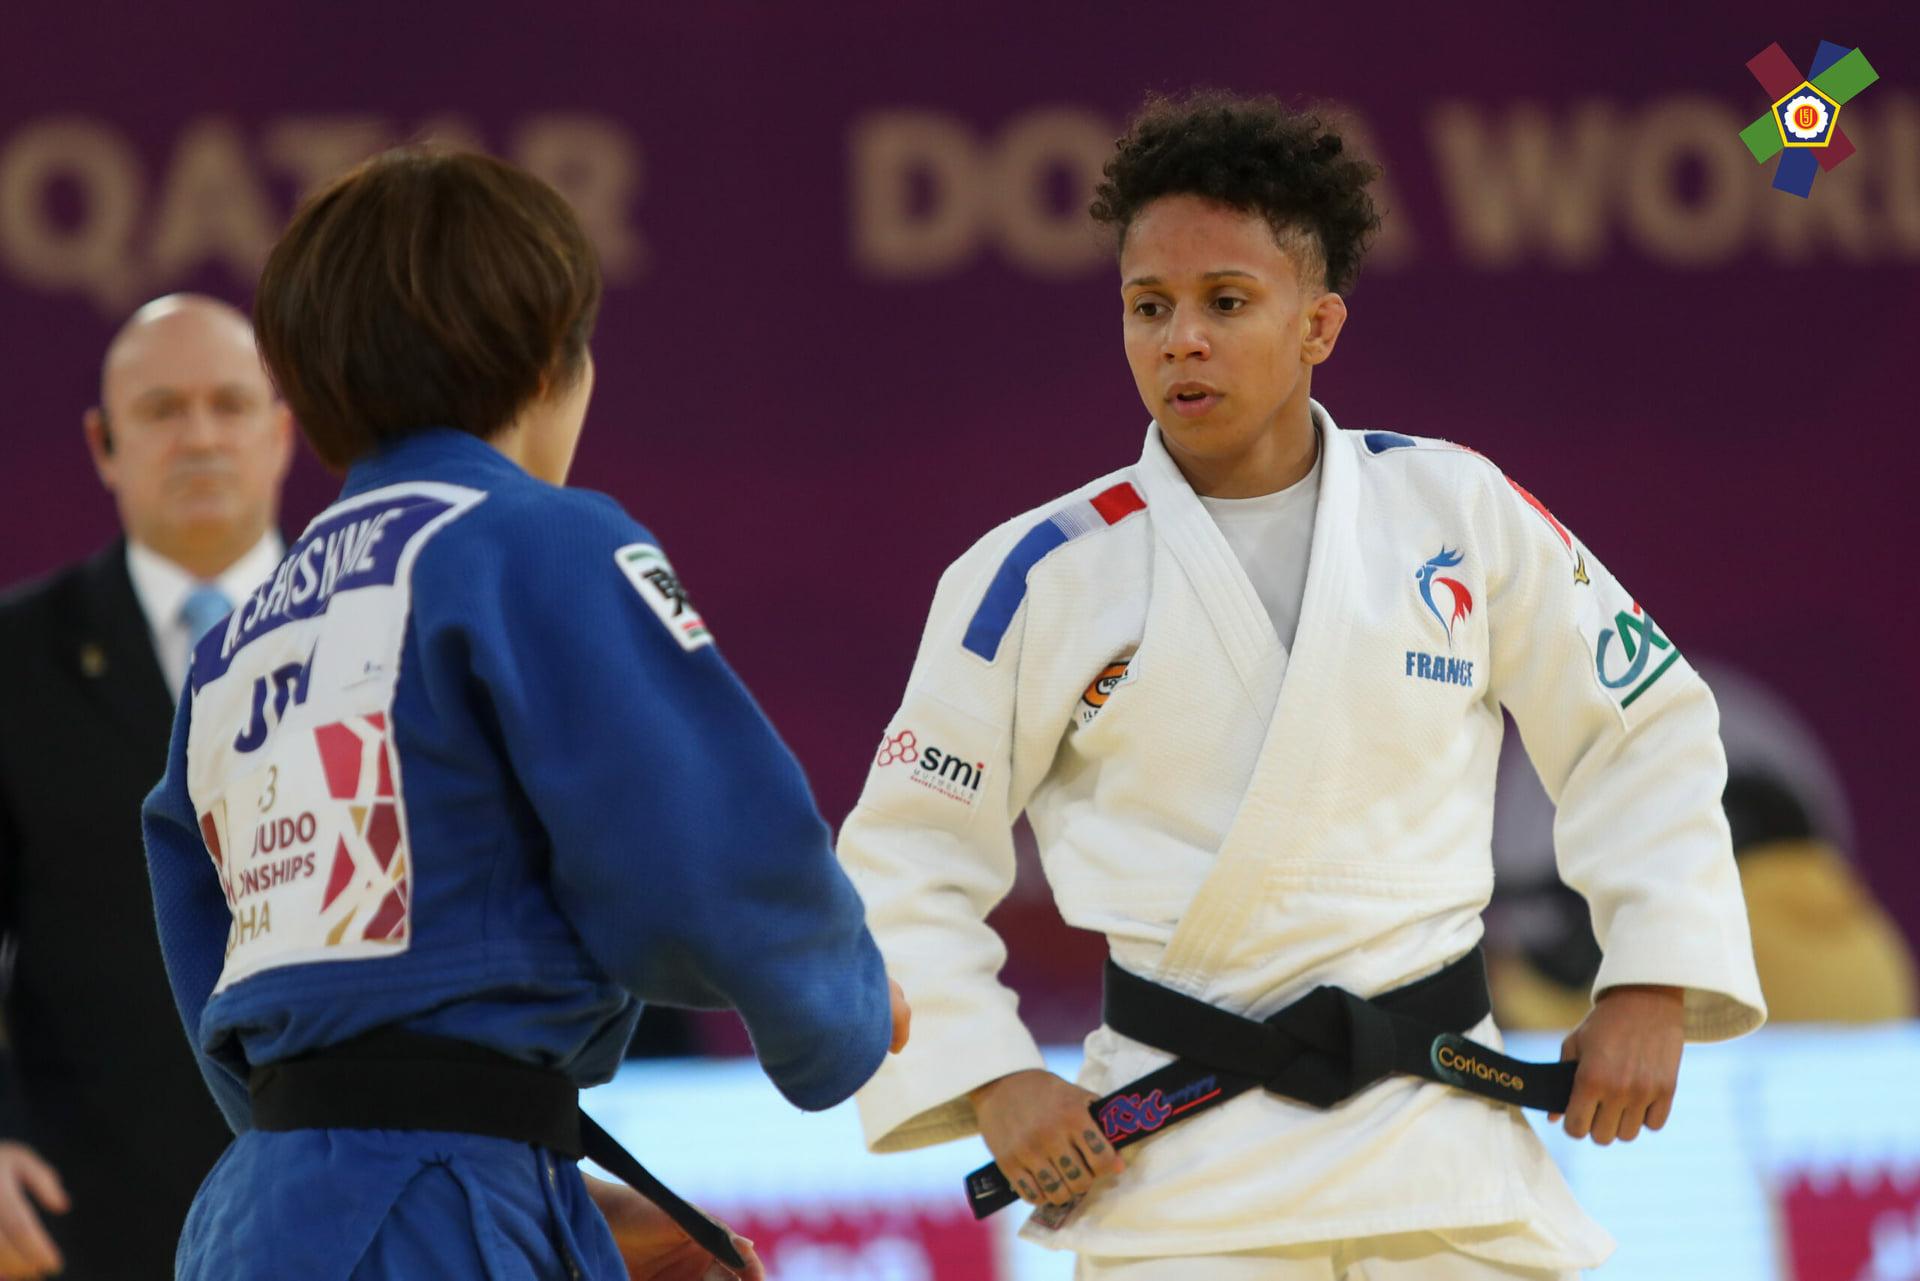 La judokate martiniquaise Amandine Buchard sélectionnée pour les J.O. de Tokyo